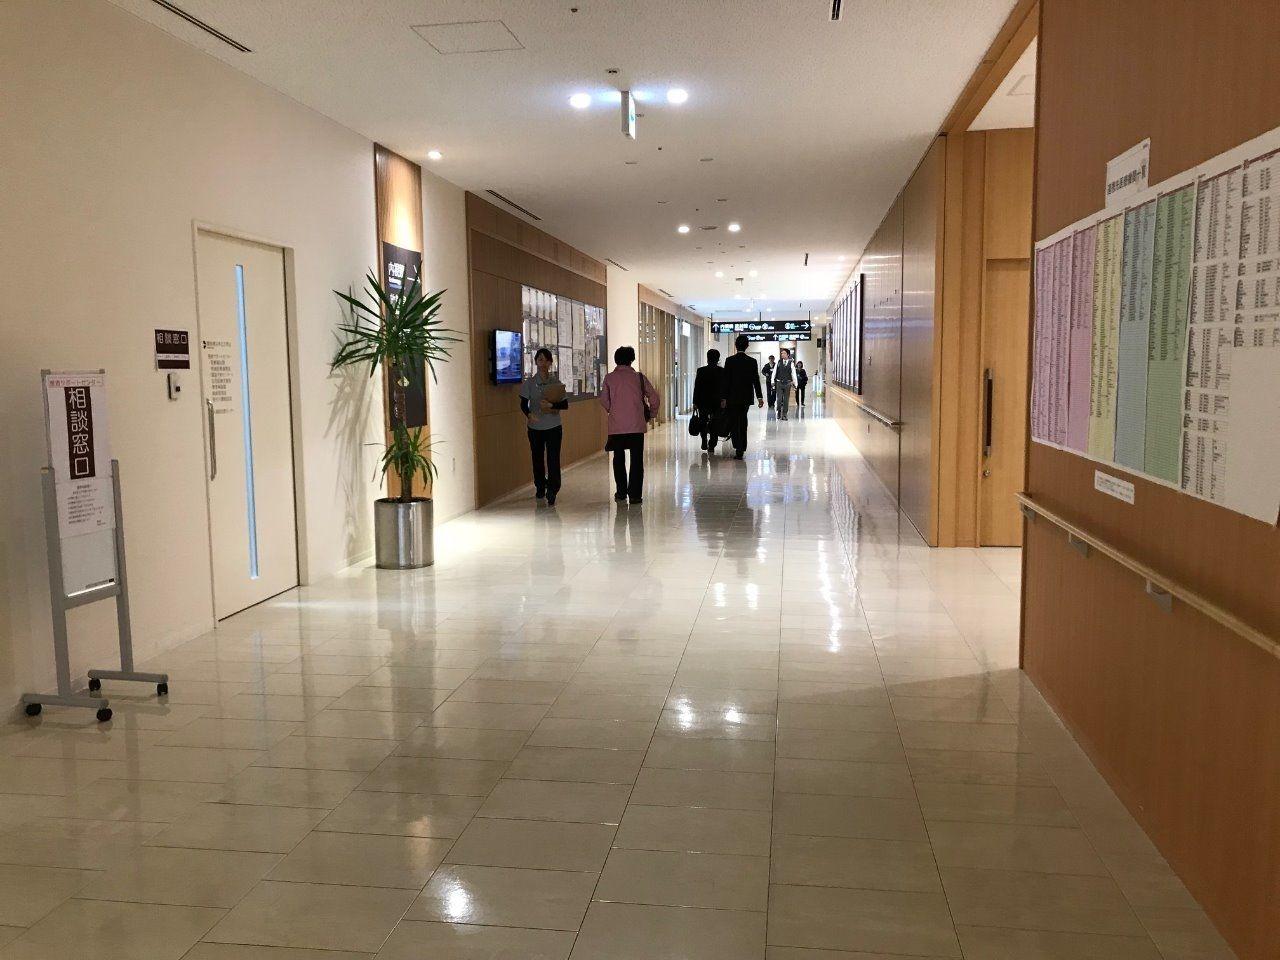 広くてピカピカの廊下 地域連携・済生会の沿革掲載